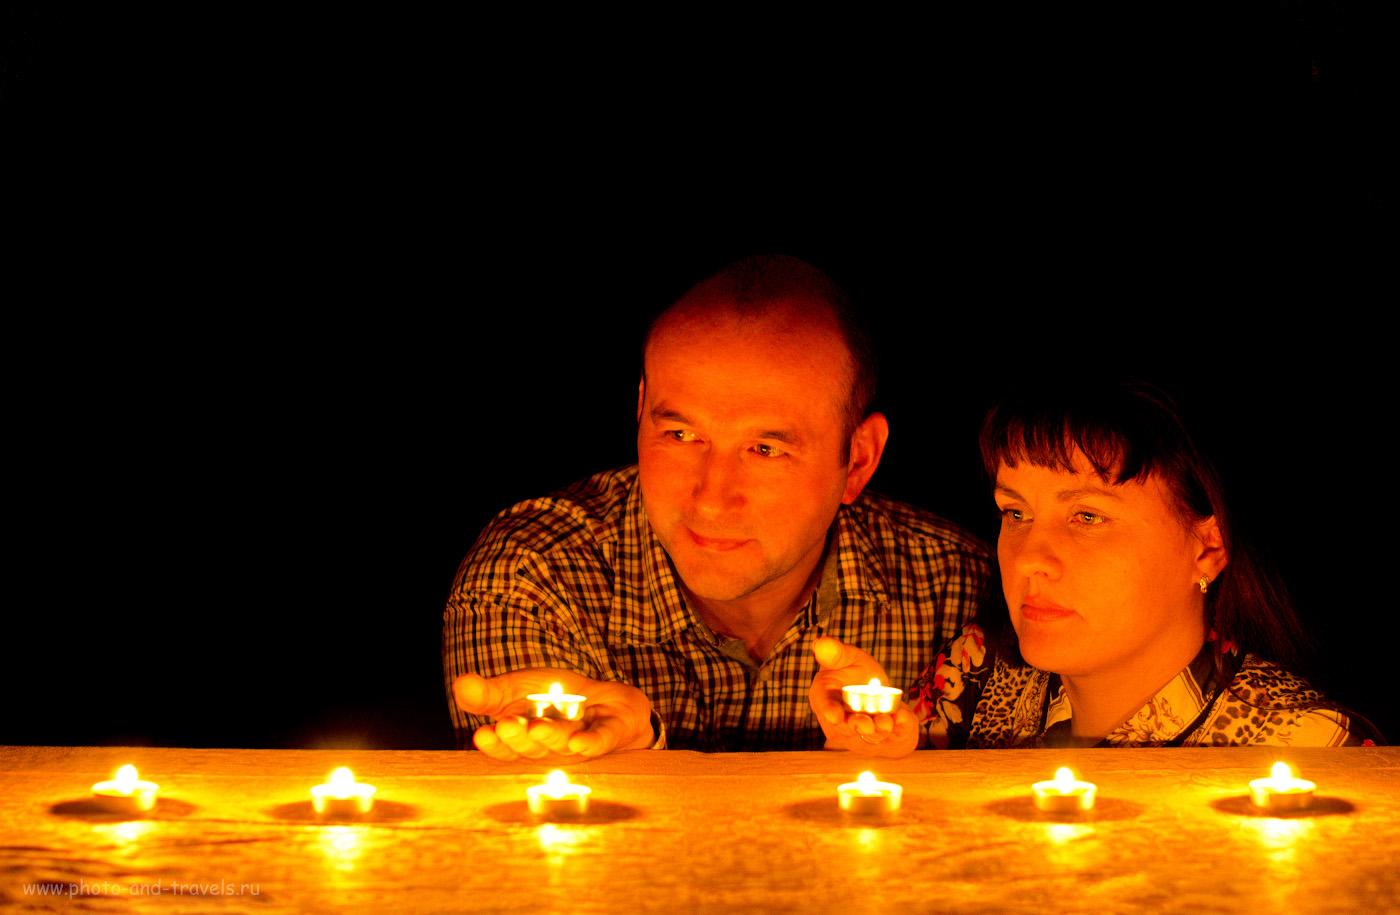 Фото 18. Пример ситуации, когда огни являются источником рисующего света. Снято на Nikon D5100 с фиксом Nikon 50mm f/1.4G со штатива Sirui T-2204X. Настройки: 1/7.7, f/2.0, 800, 50.